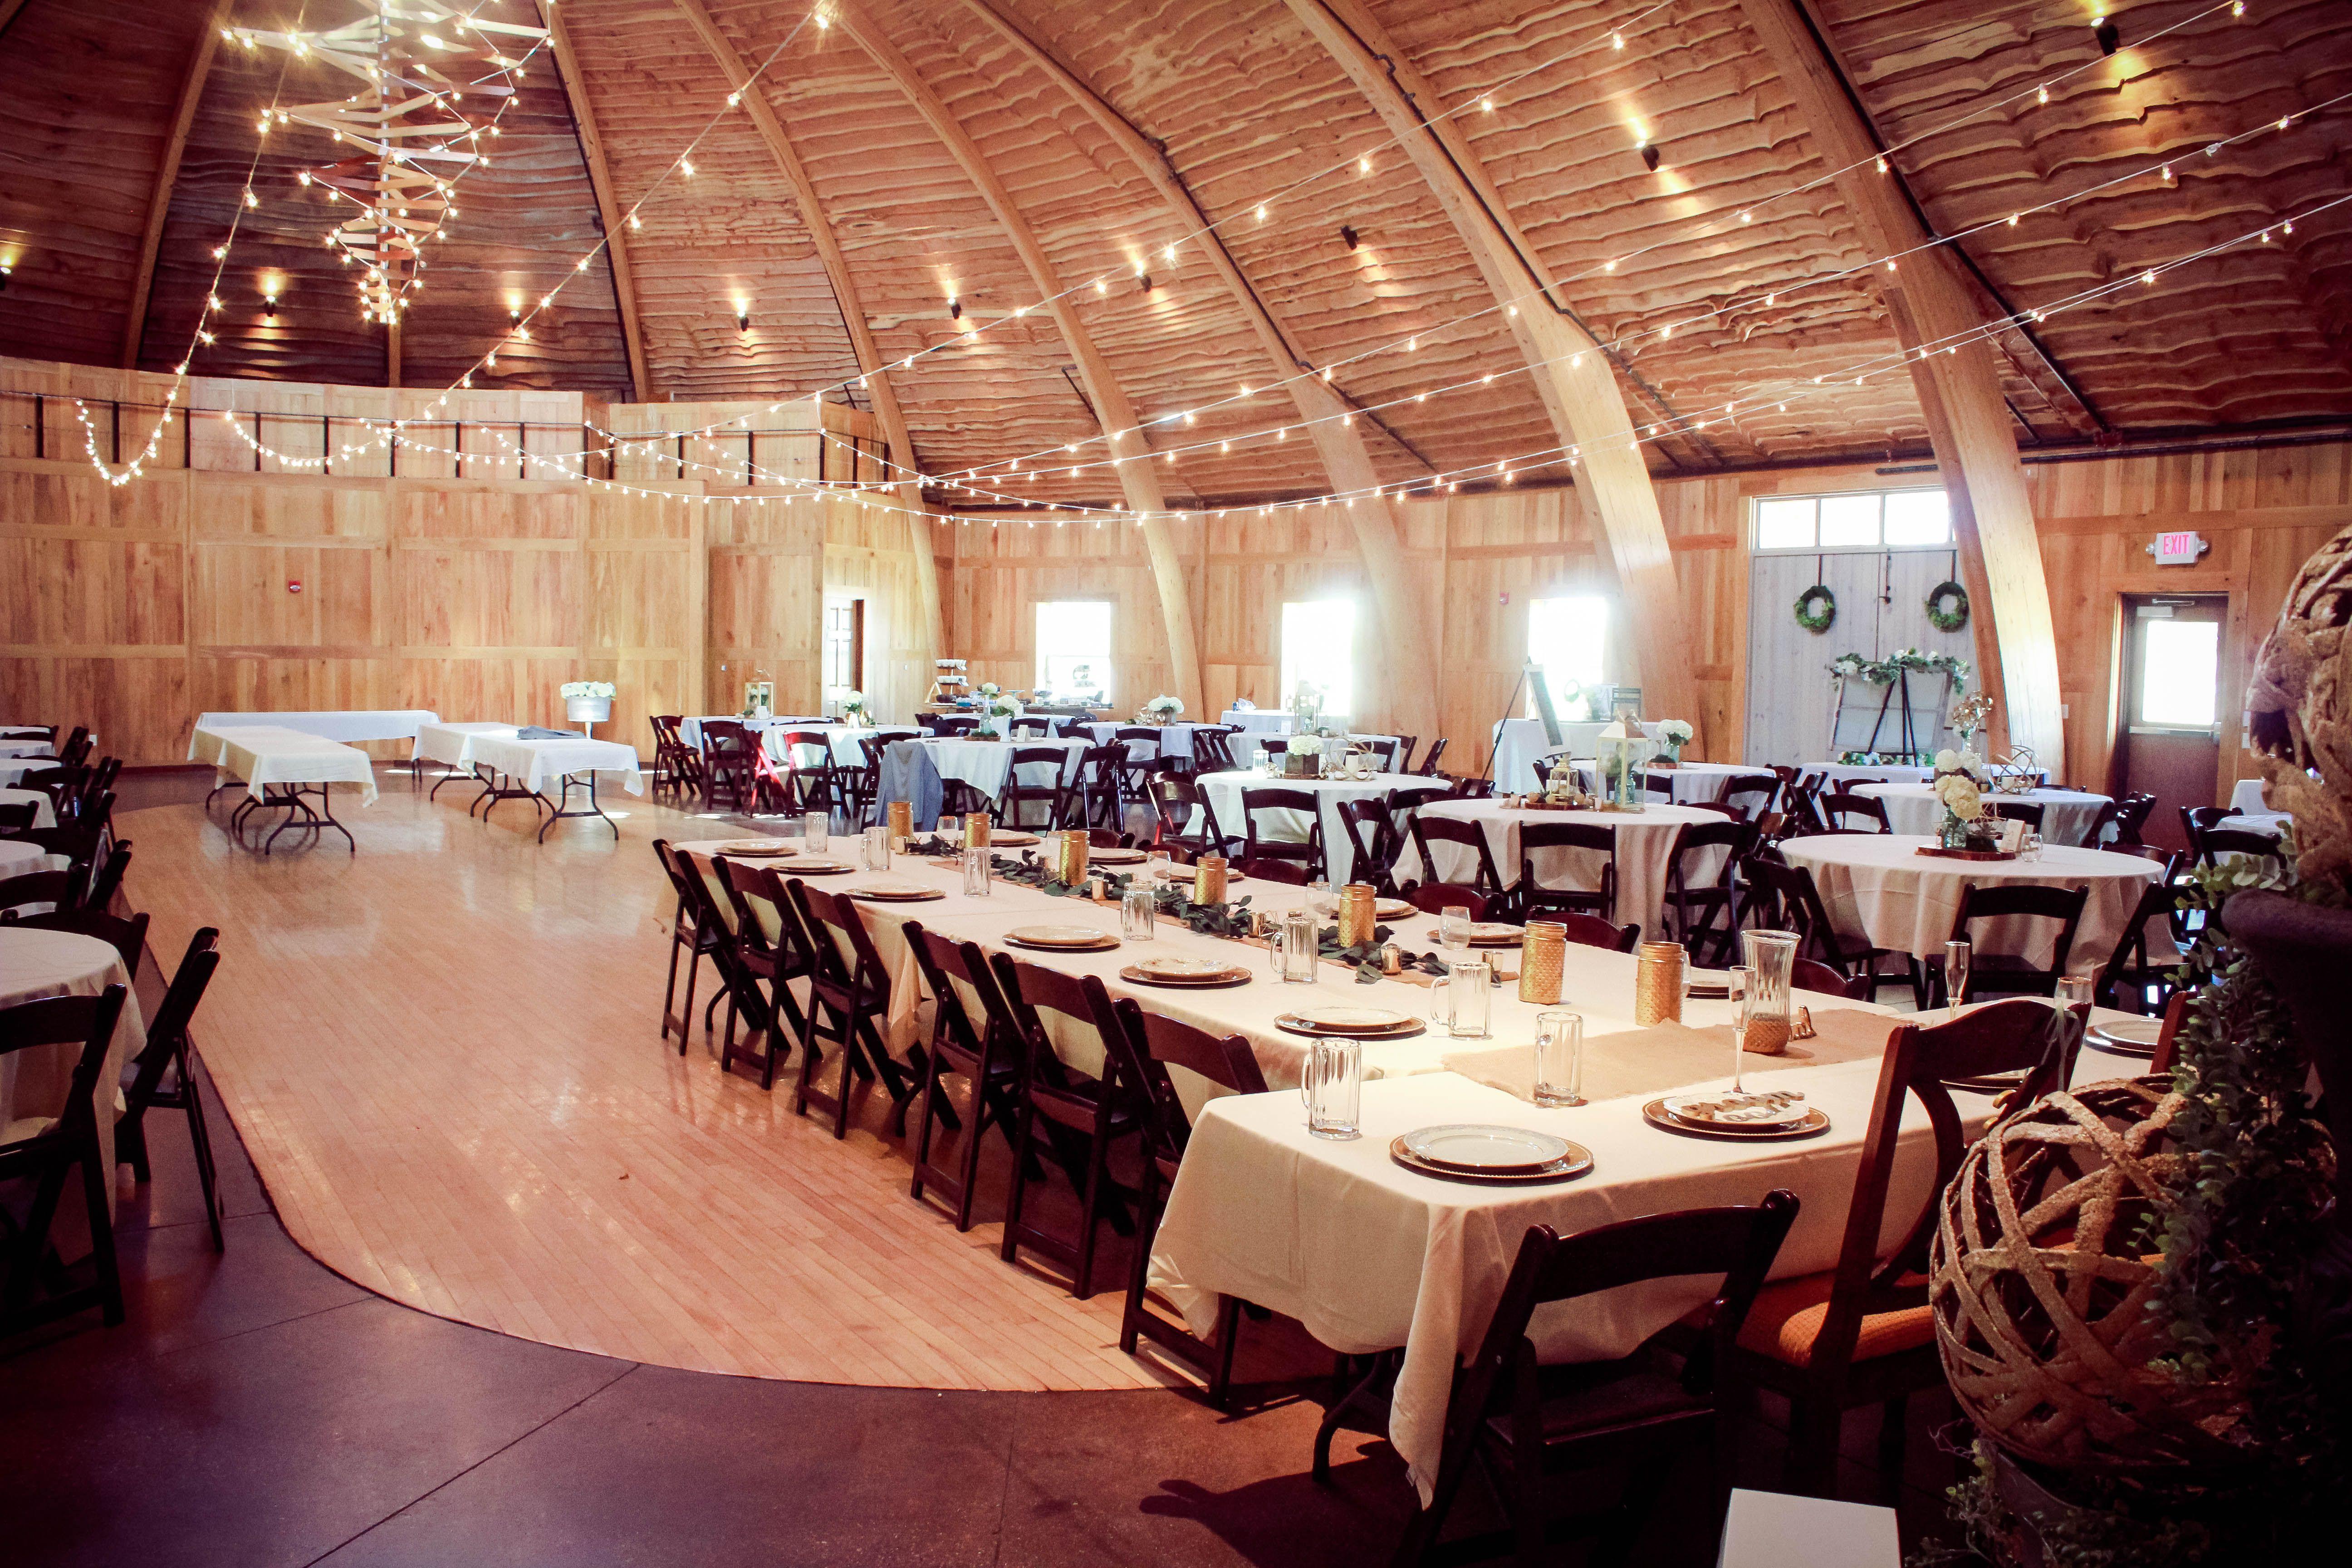 Celebration Farms, Solon Iowa beautiful big barn! Solon